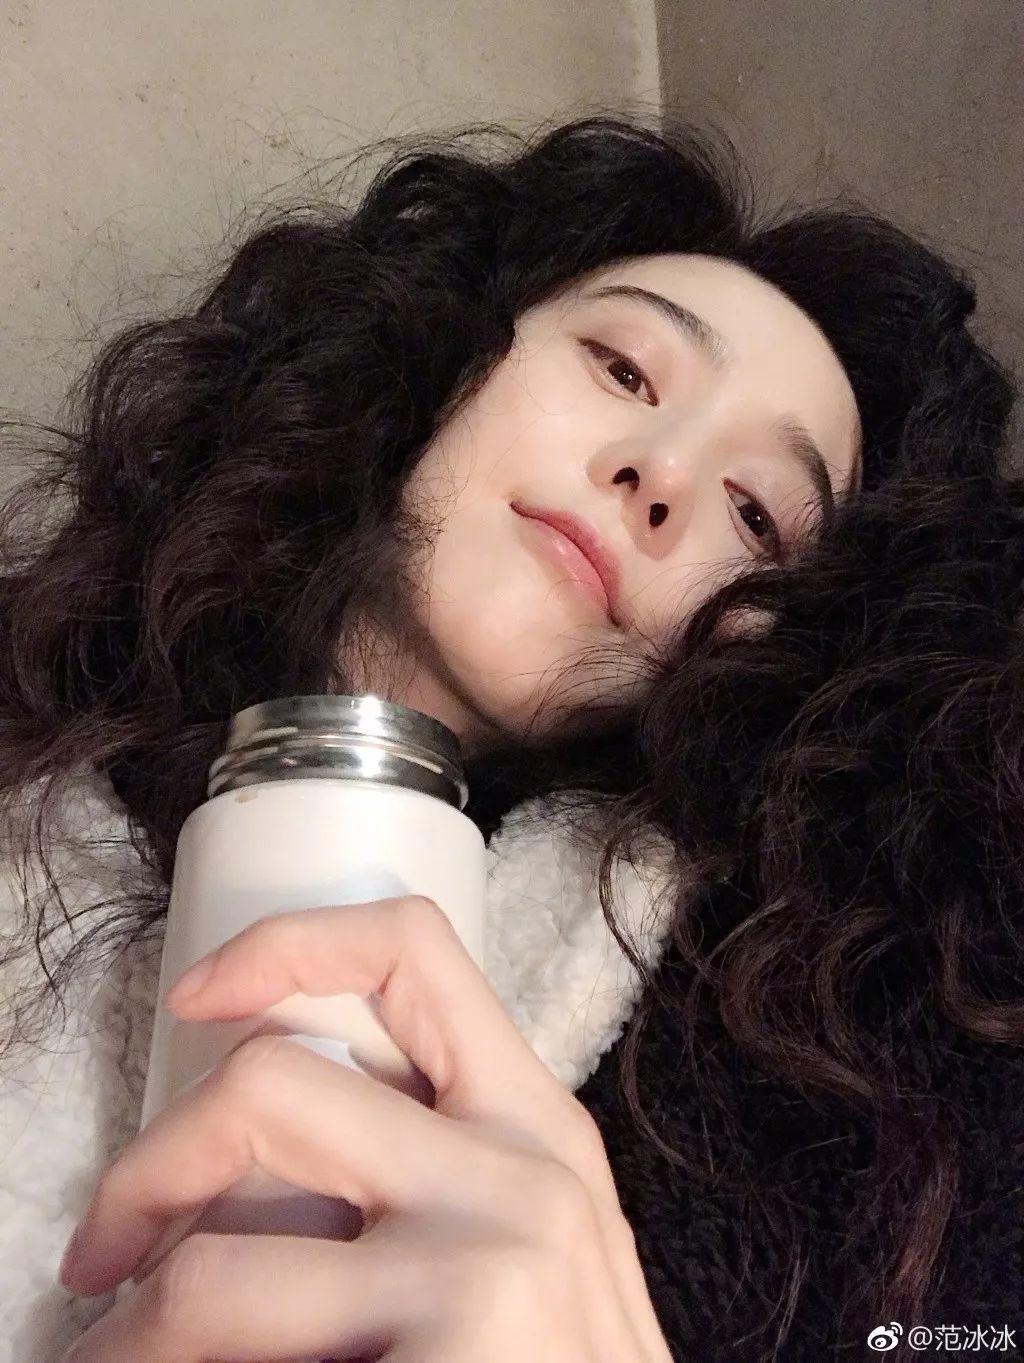 范冰冰的头发有多金贵?48块的喷雾26块护发素····重要的是方法